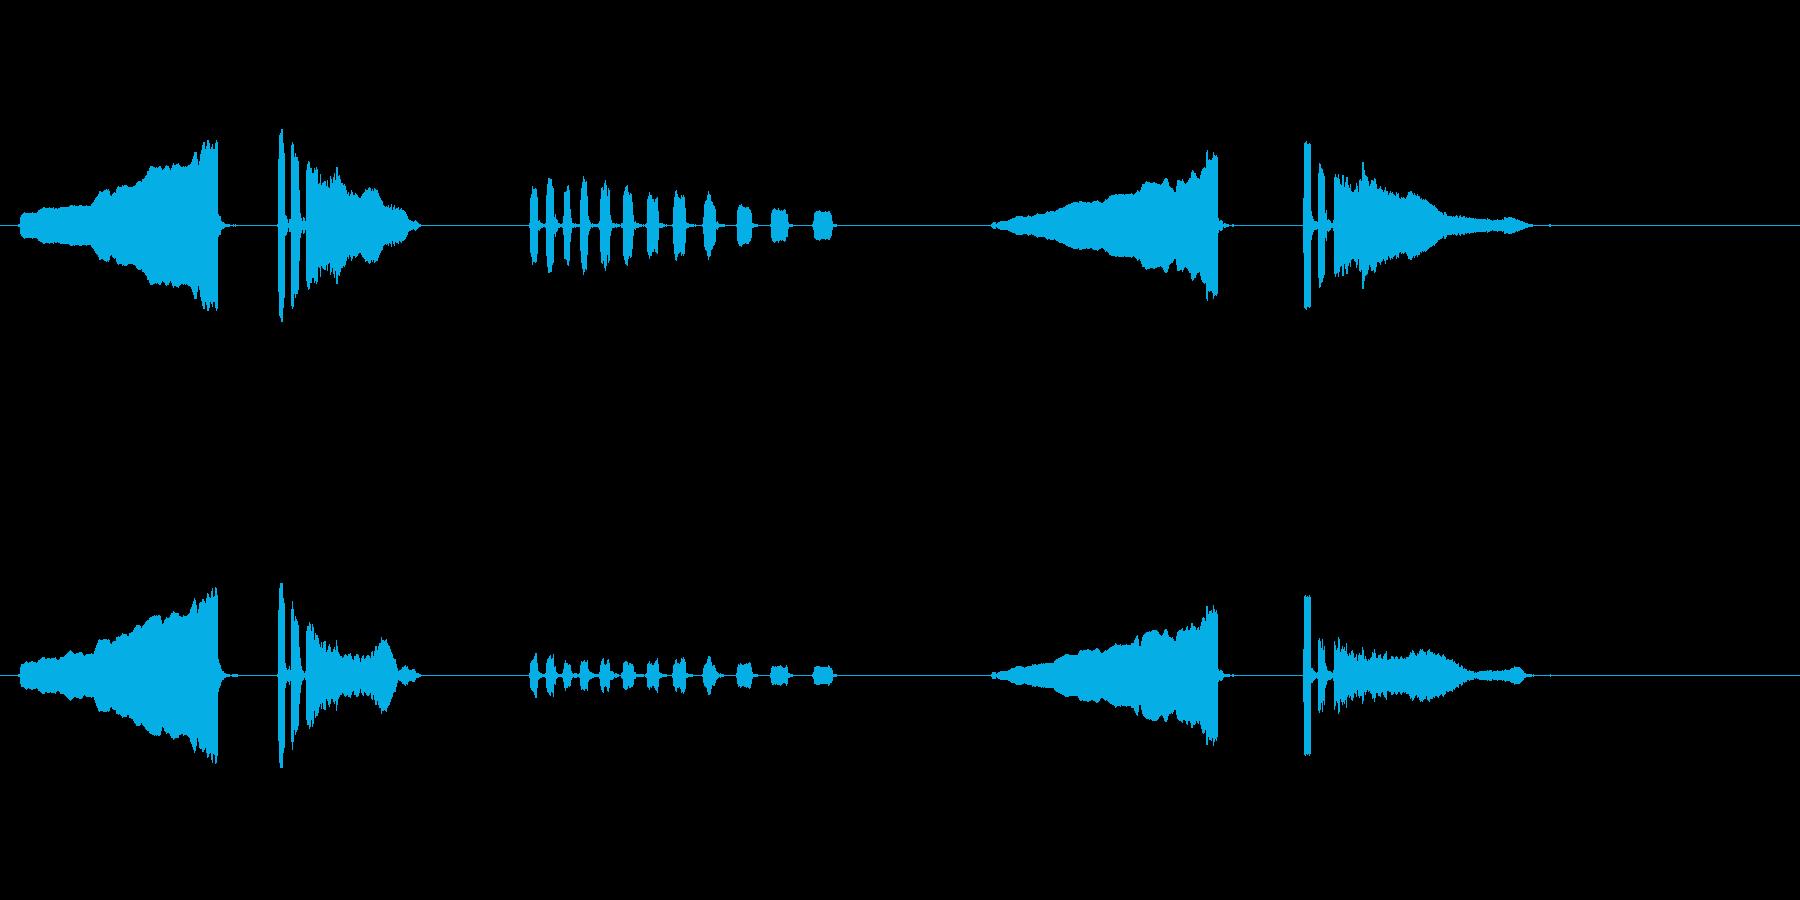 うぐいす笛2梅に鶯春鳴き声初音ホーホケキの再生済みの波形